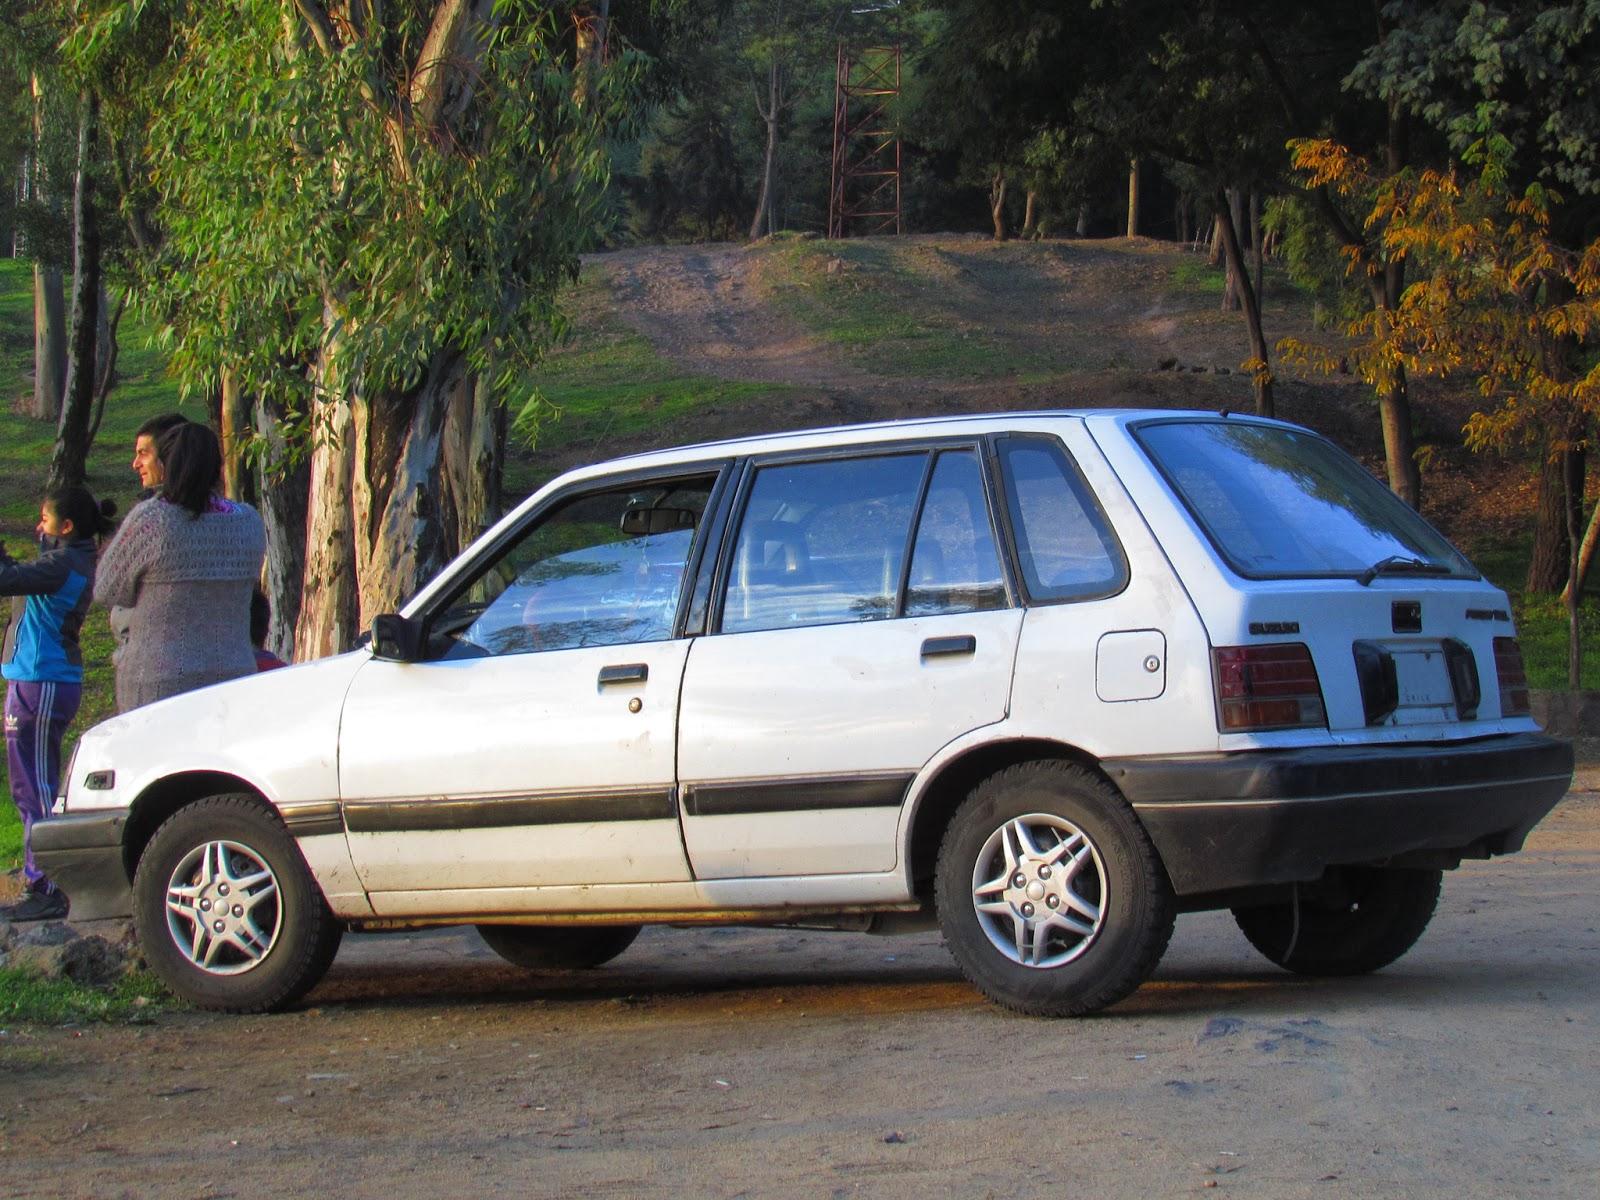 Gambar Mobil Sedan Forsa Terbaru Dan Terkeren Modifikasi Mobil Sedan